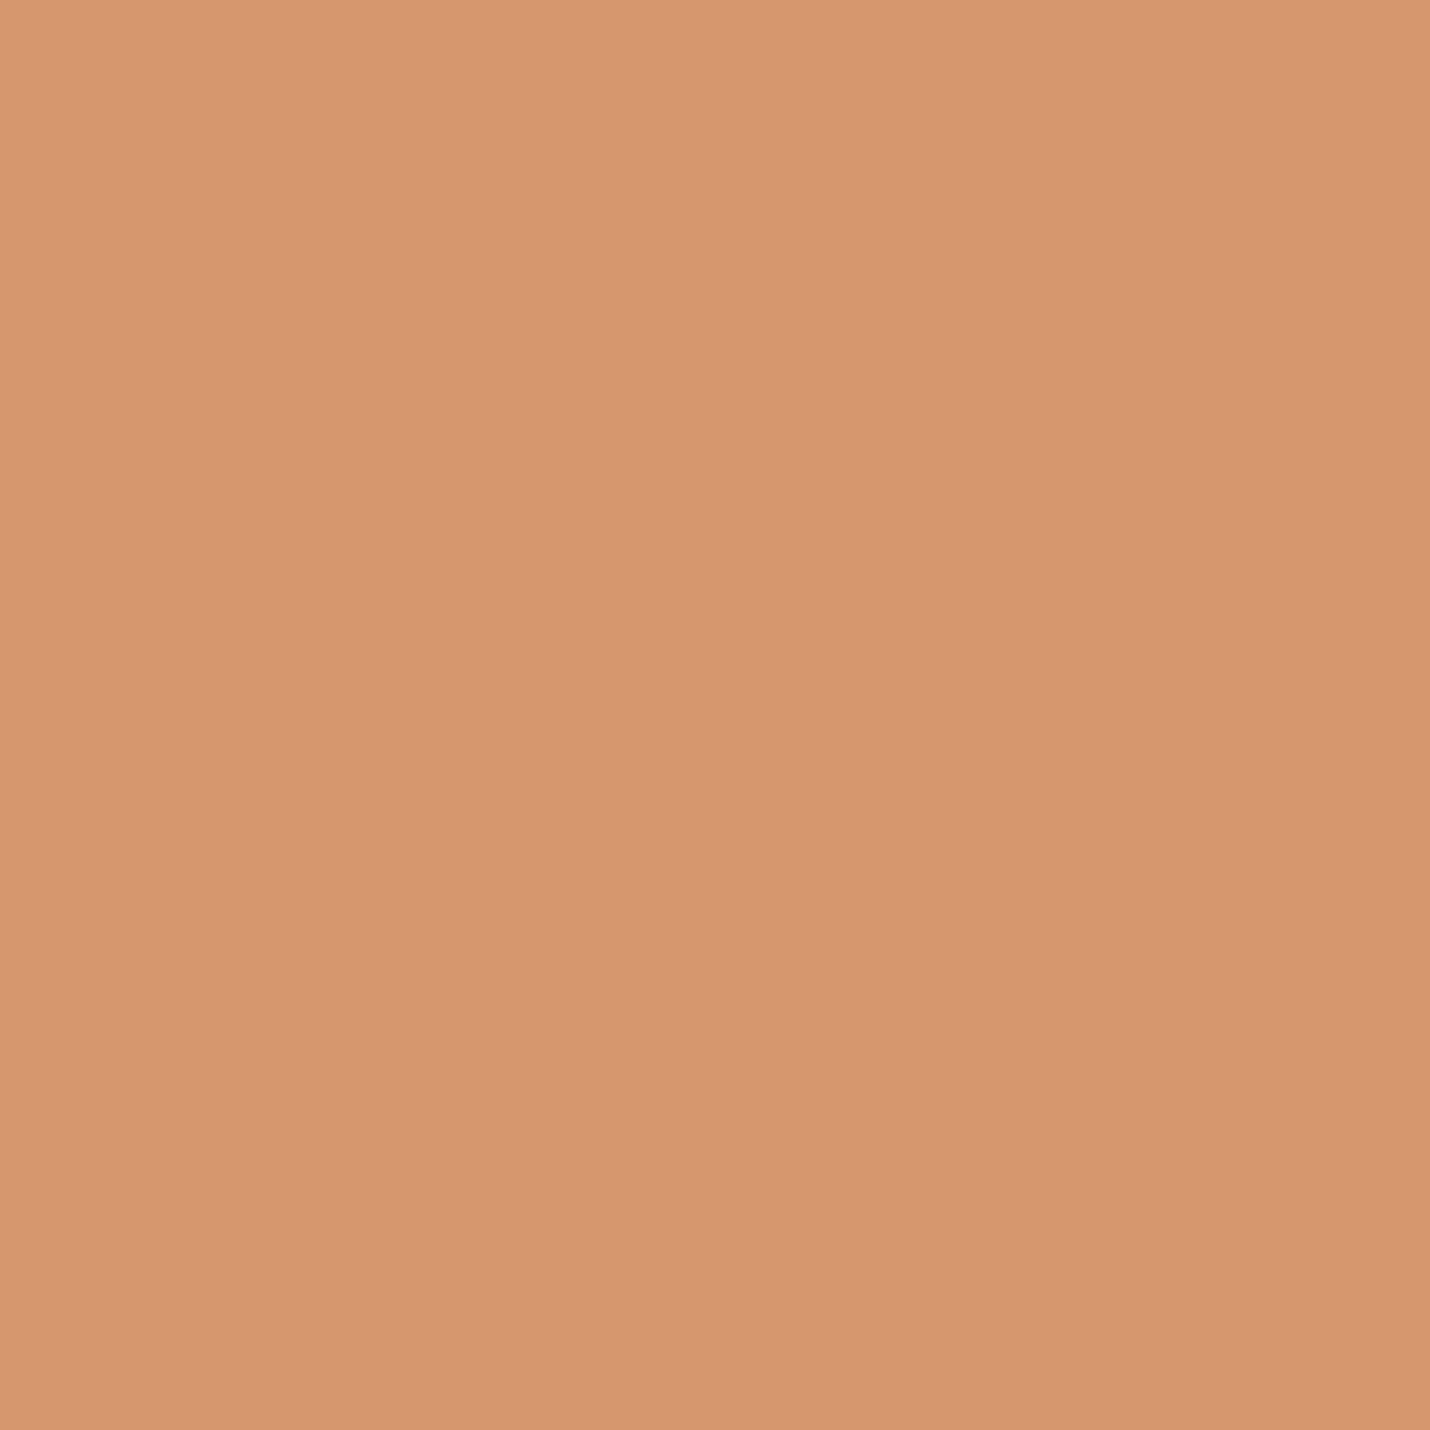 証人請求可能困惑したSANMIMORE(サンミモレ化粧品) UVパクト 53号ピンク (レフィル 替パフ付)